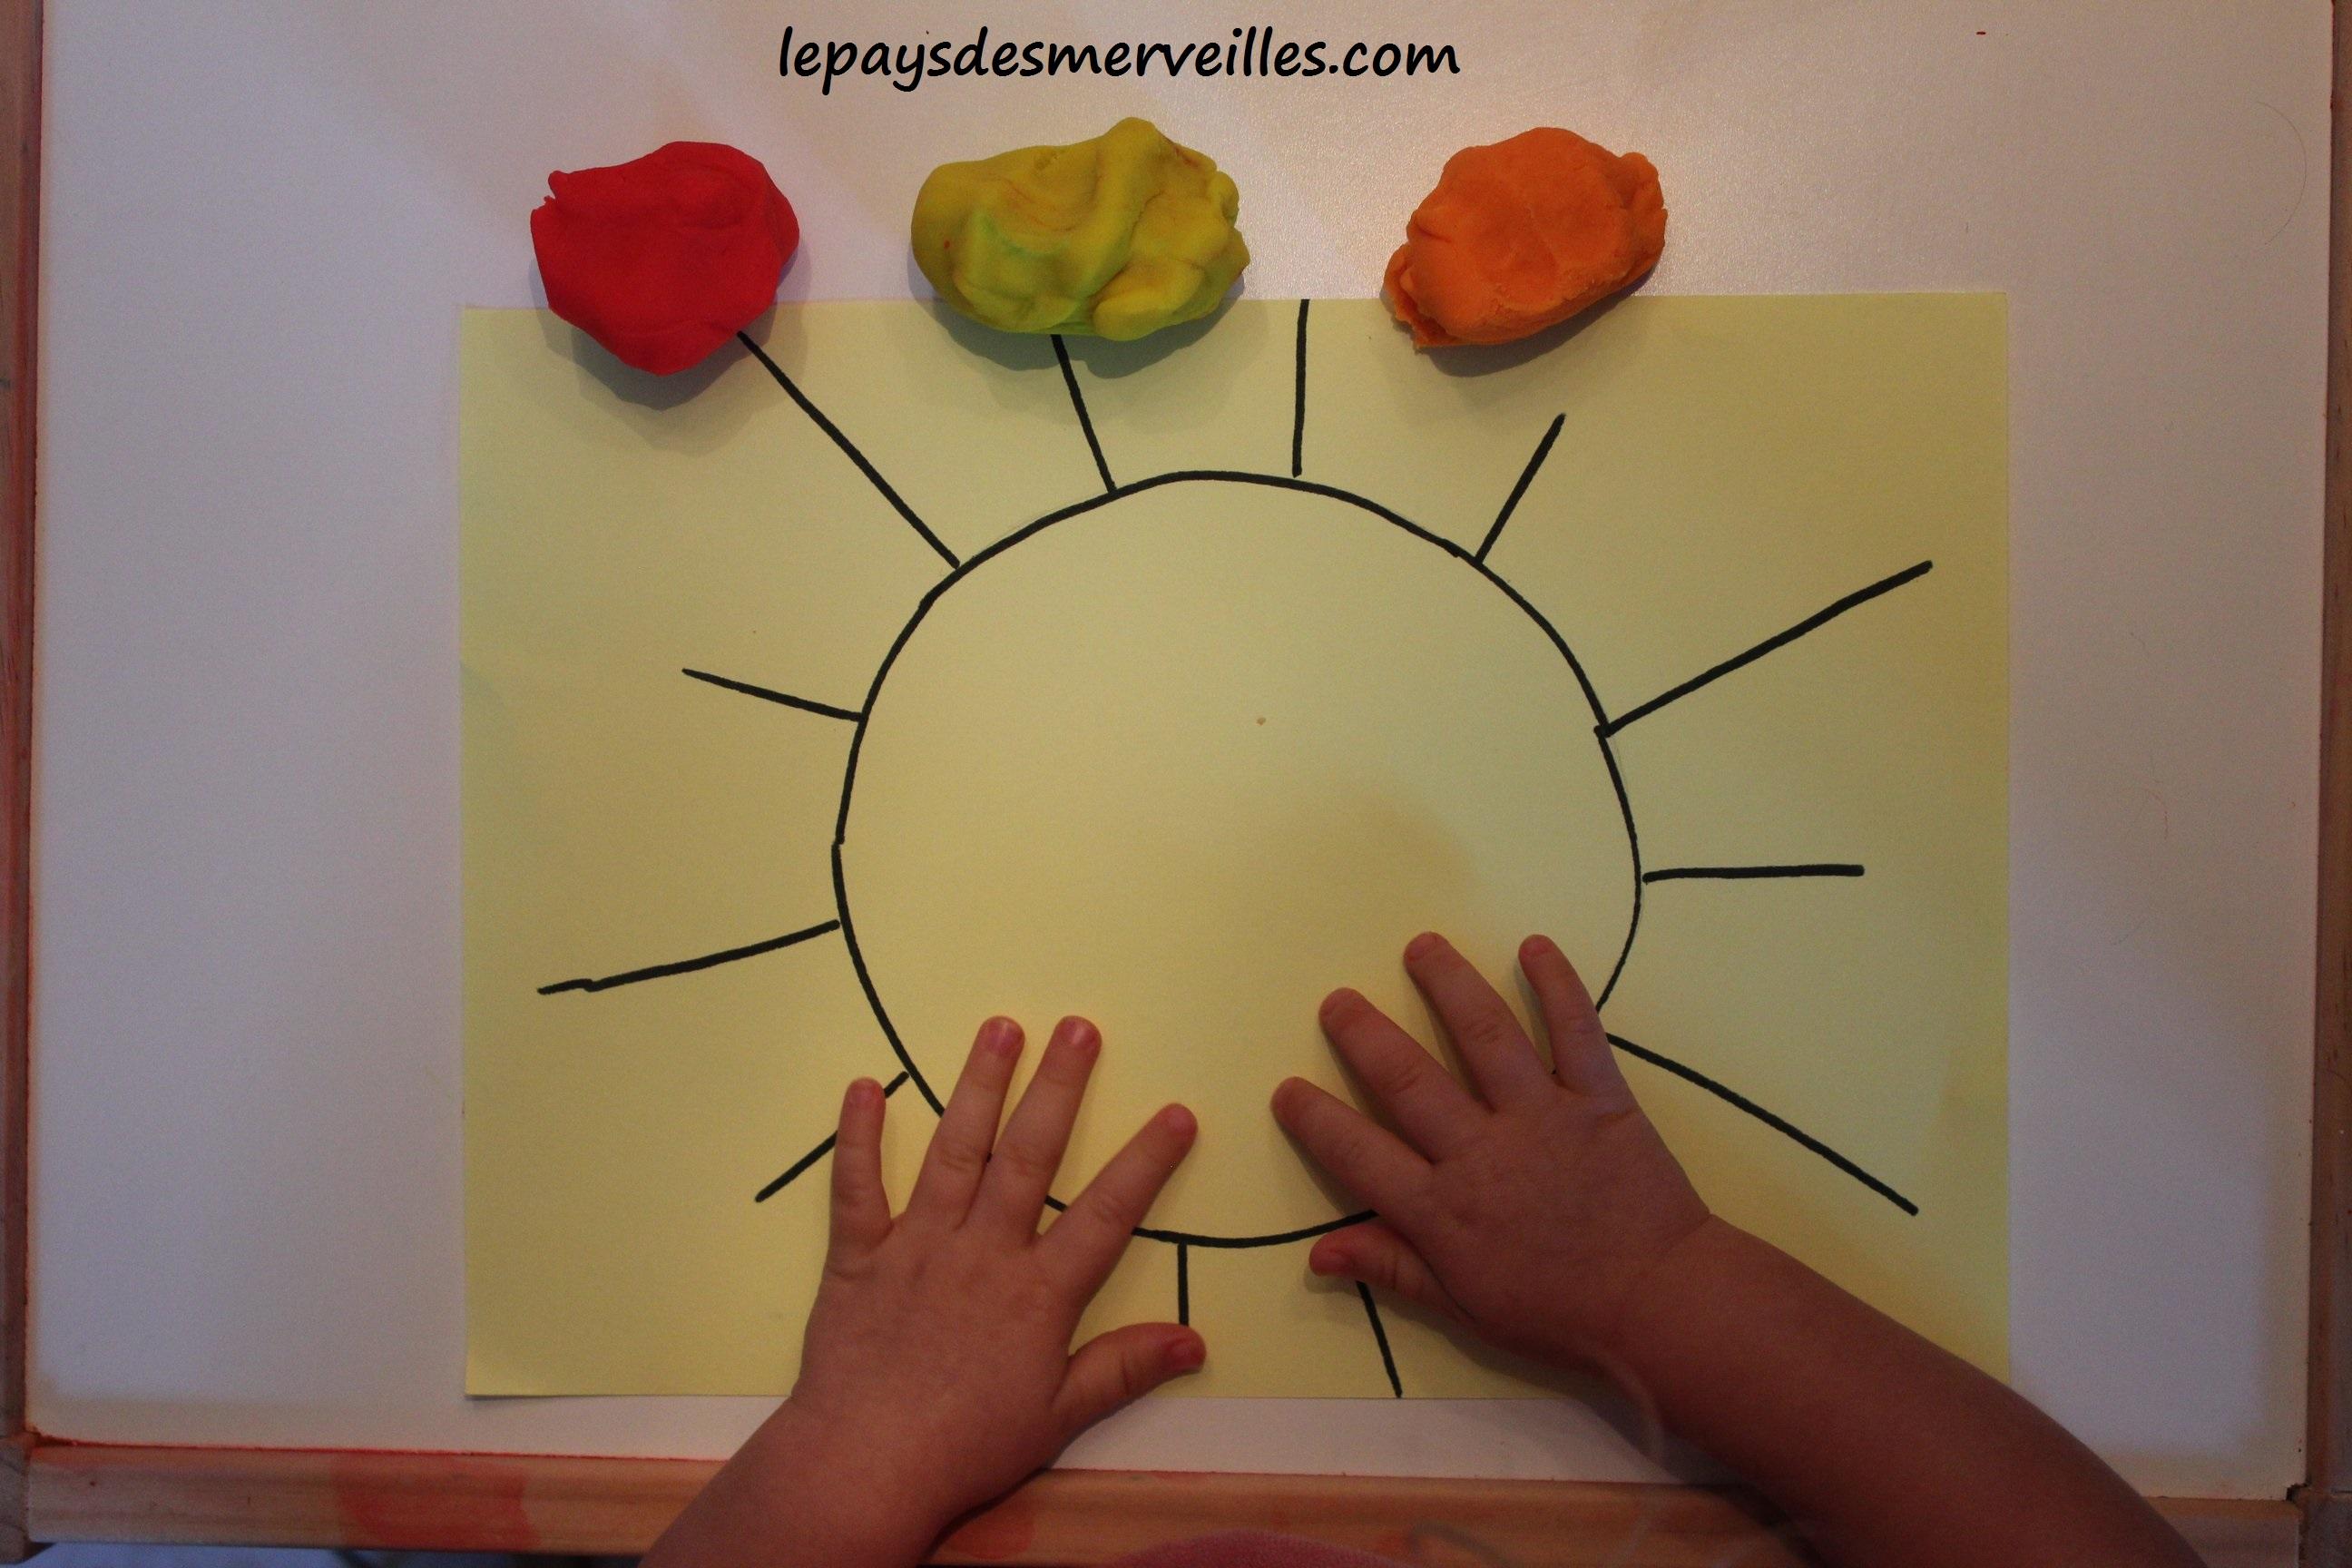 activit 233 p 226 te 224 modeler faire un soleil 176 176 le pays des merveilles